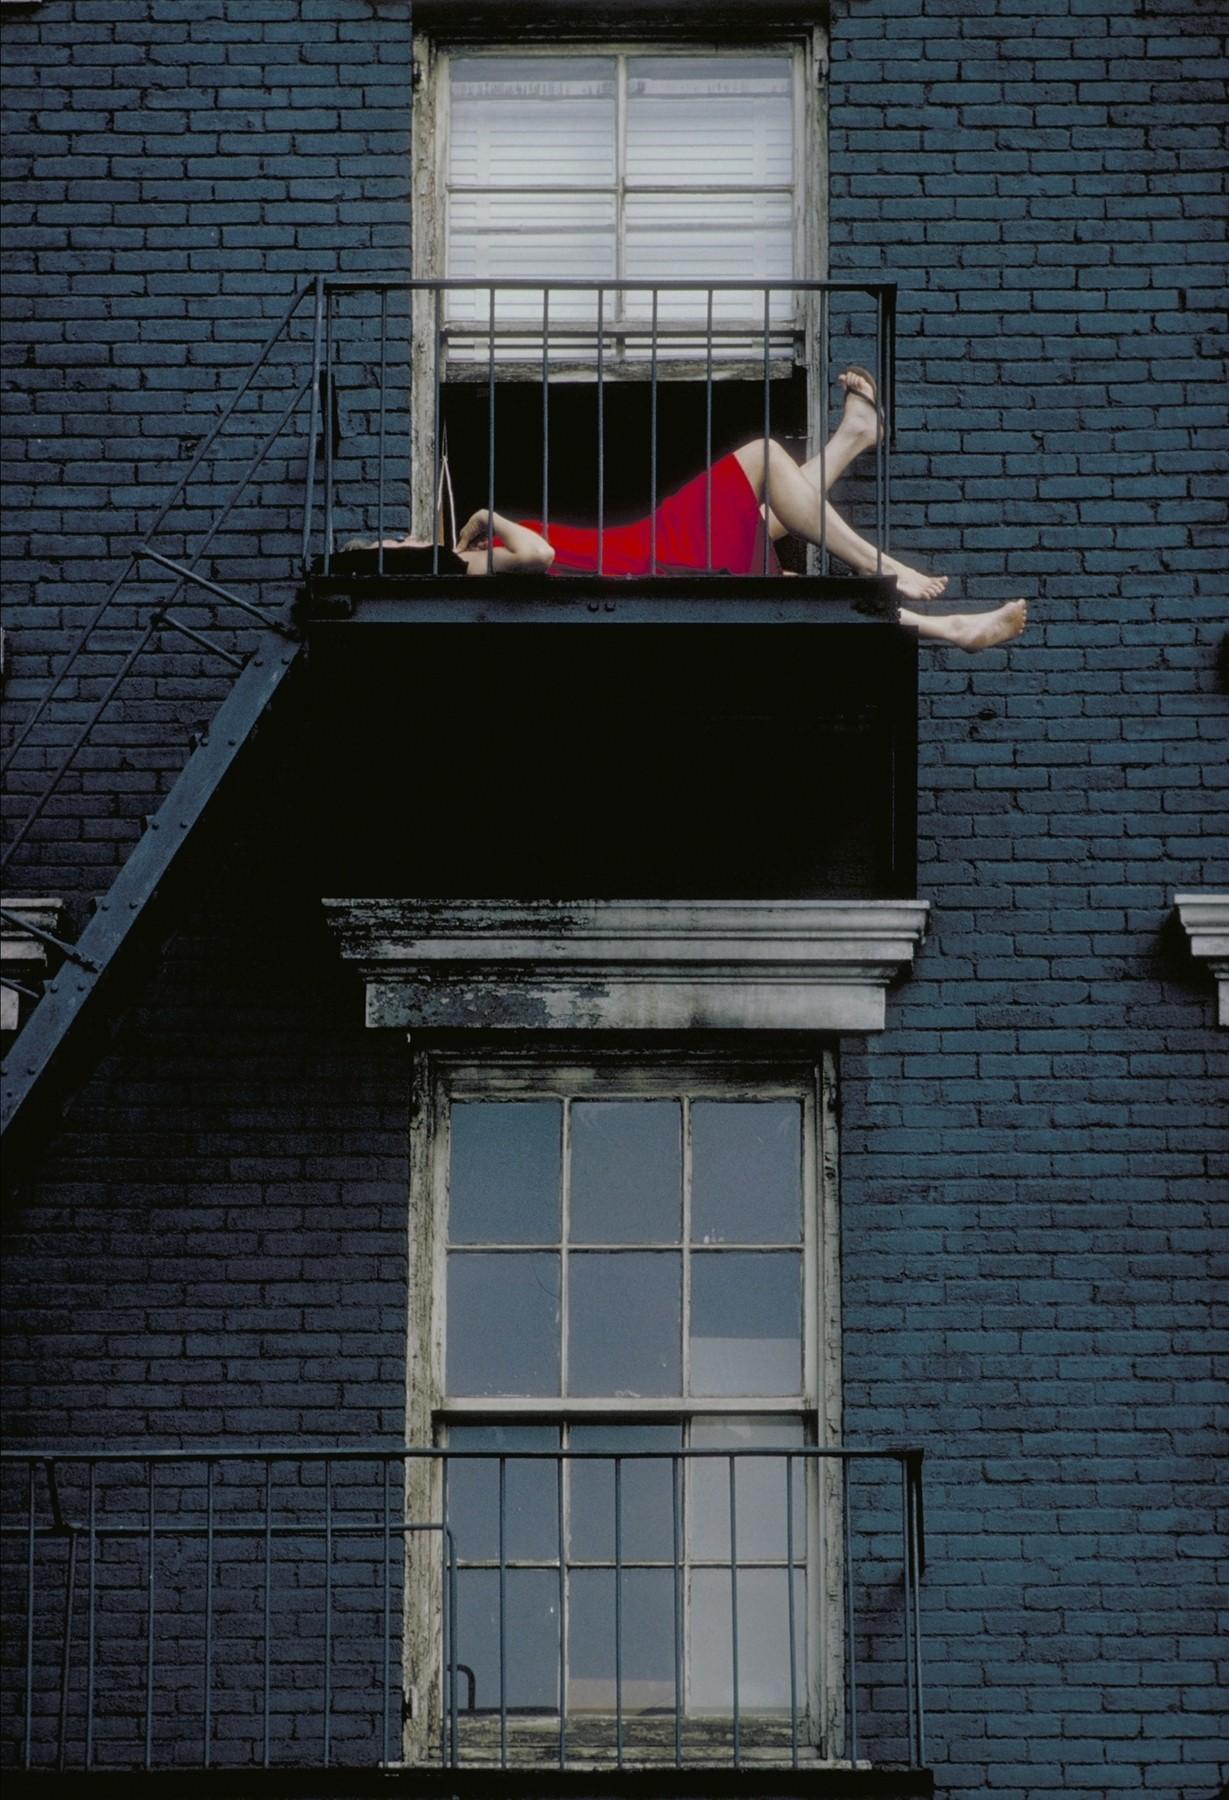 «В красном платье». Нью-Йорк, 1966. Фотограф Джоэл Мейеровиц